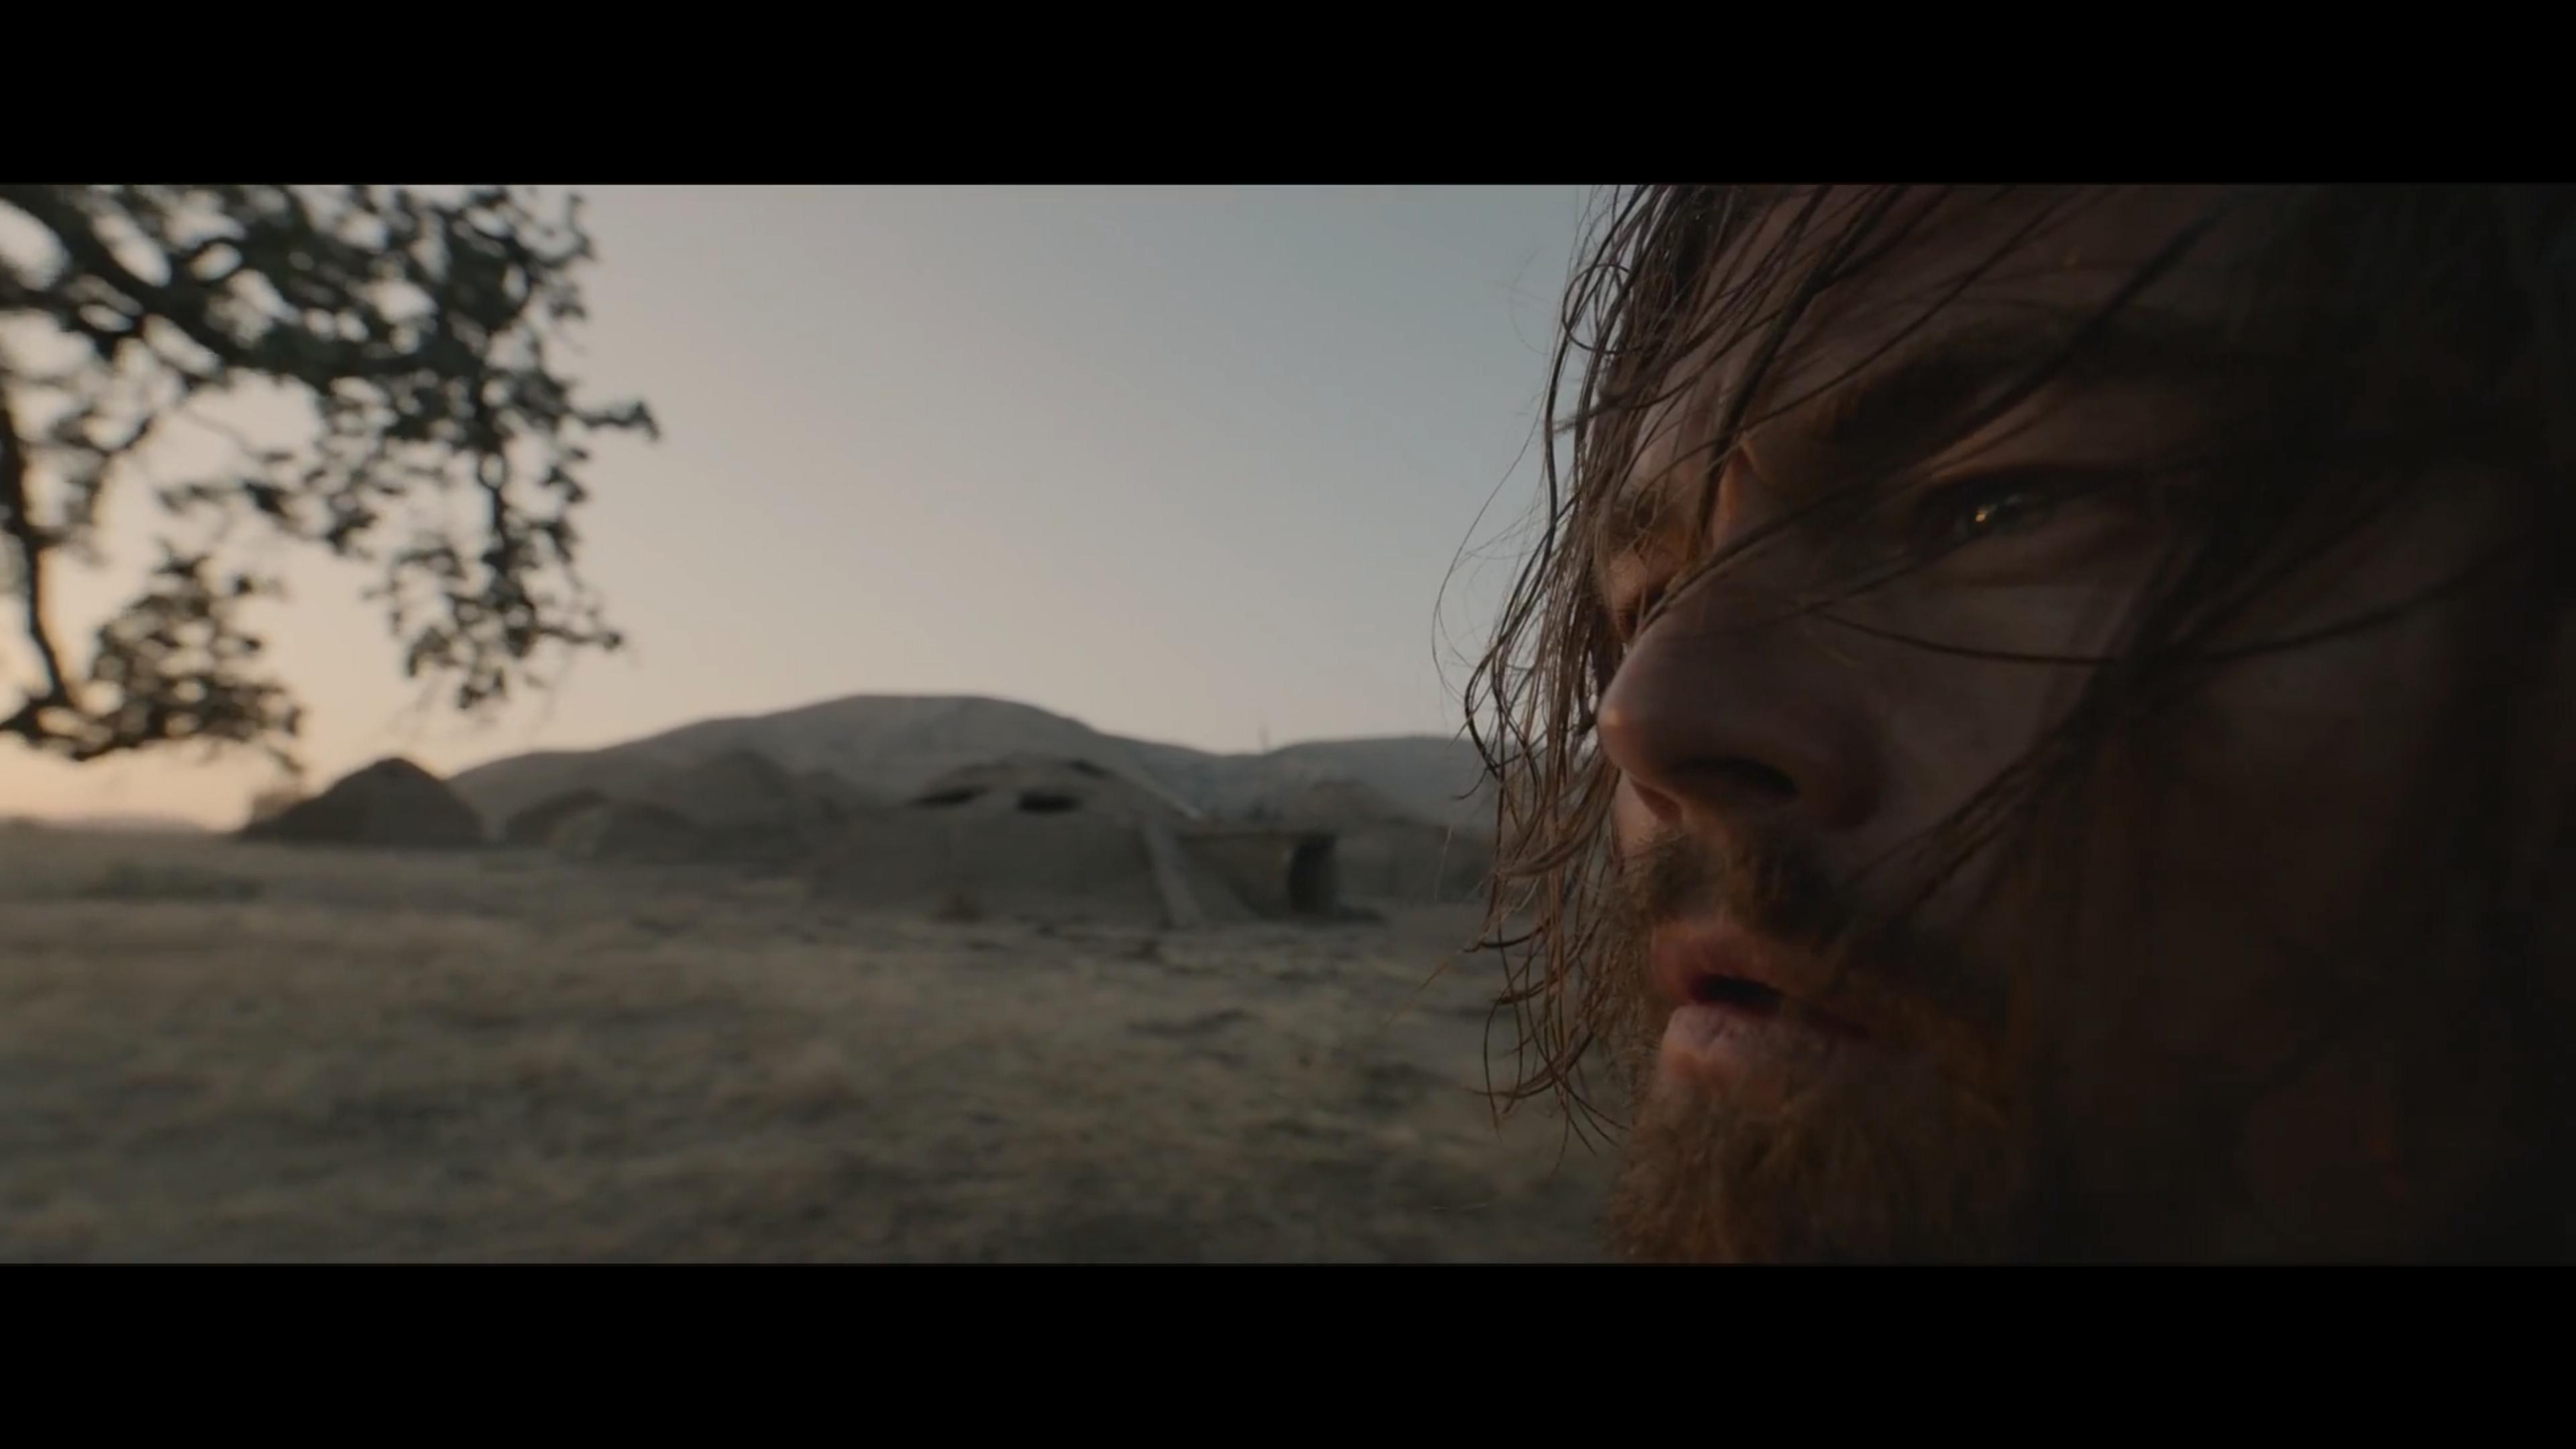 از مرگ بازگشته (۲۰۱۵)؛ این لنز واید زیبا